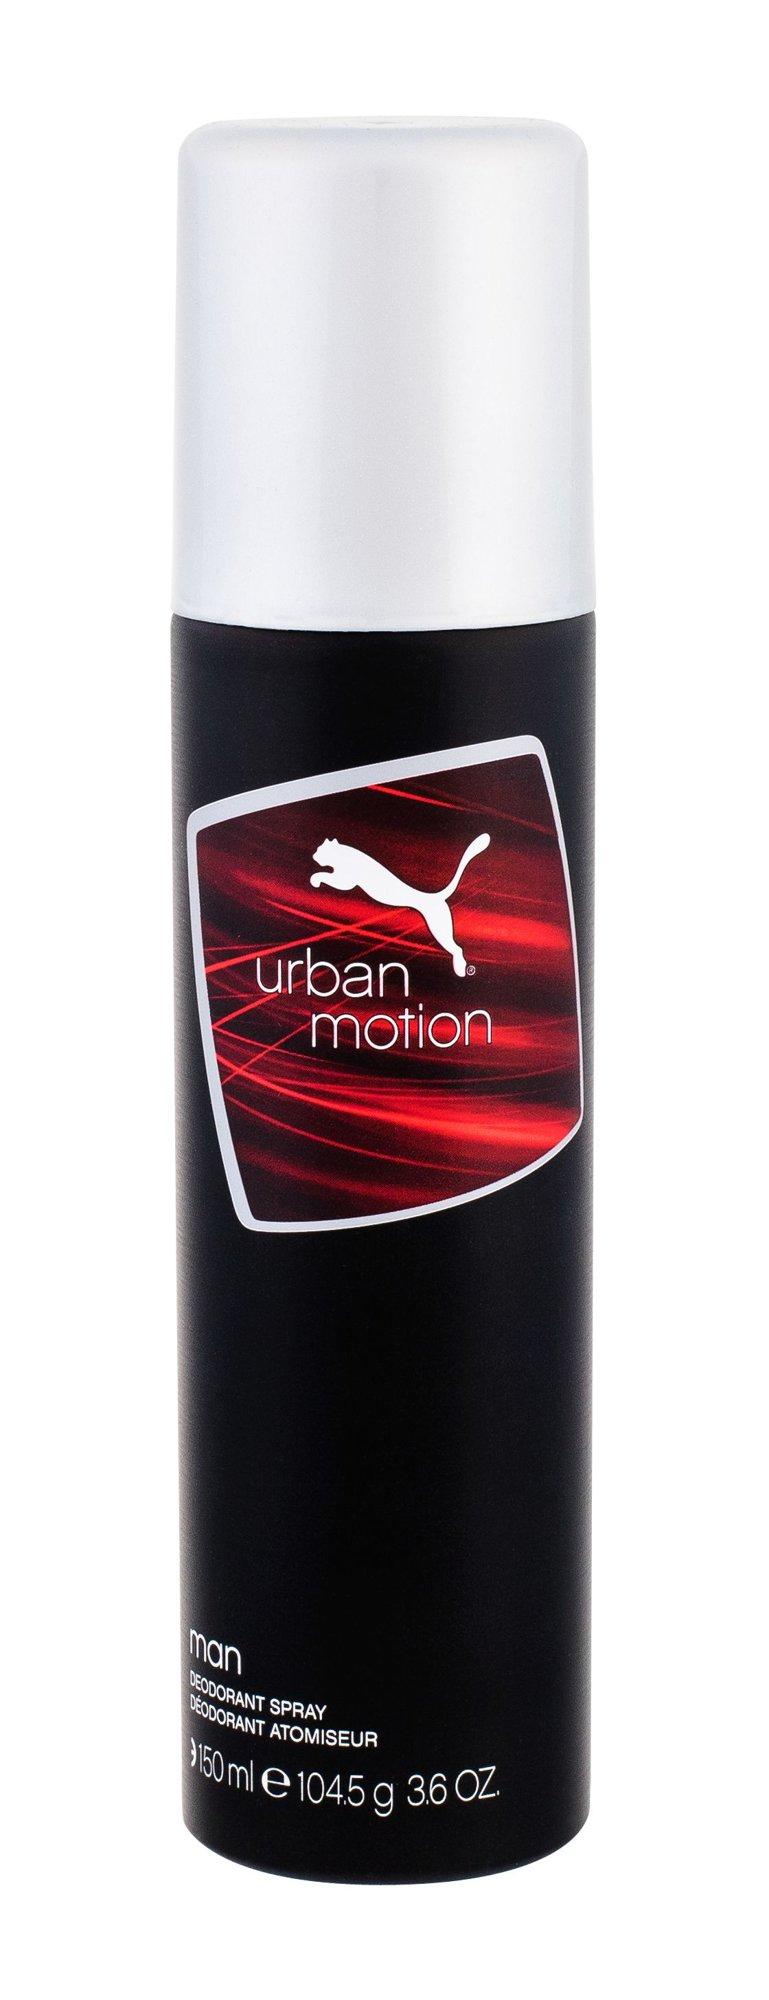 Puma Urban Motion Man, Deodorant 150ml